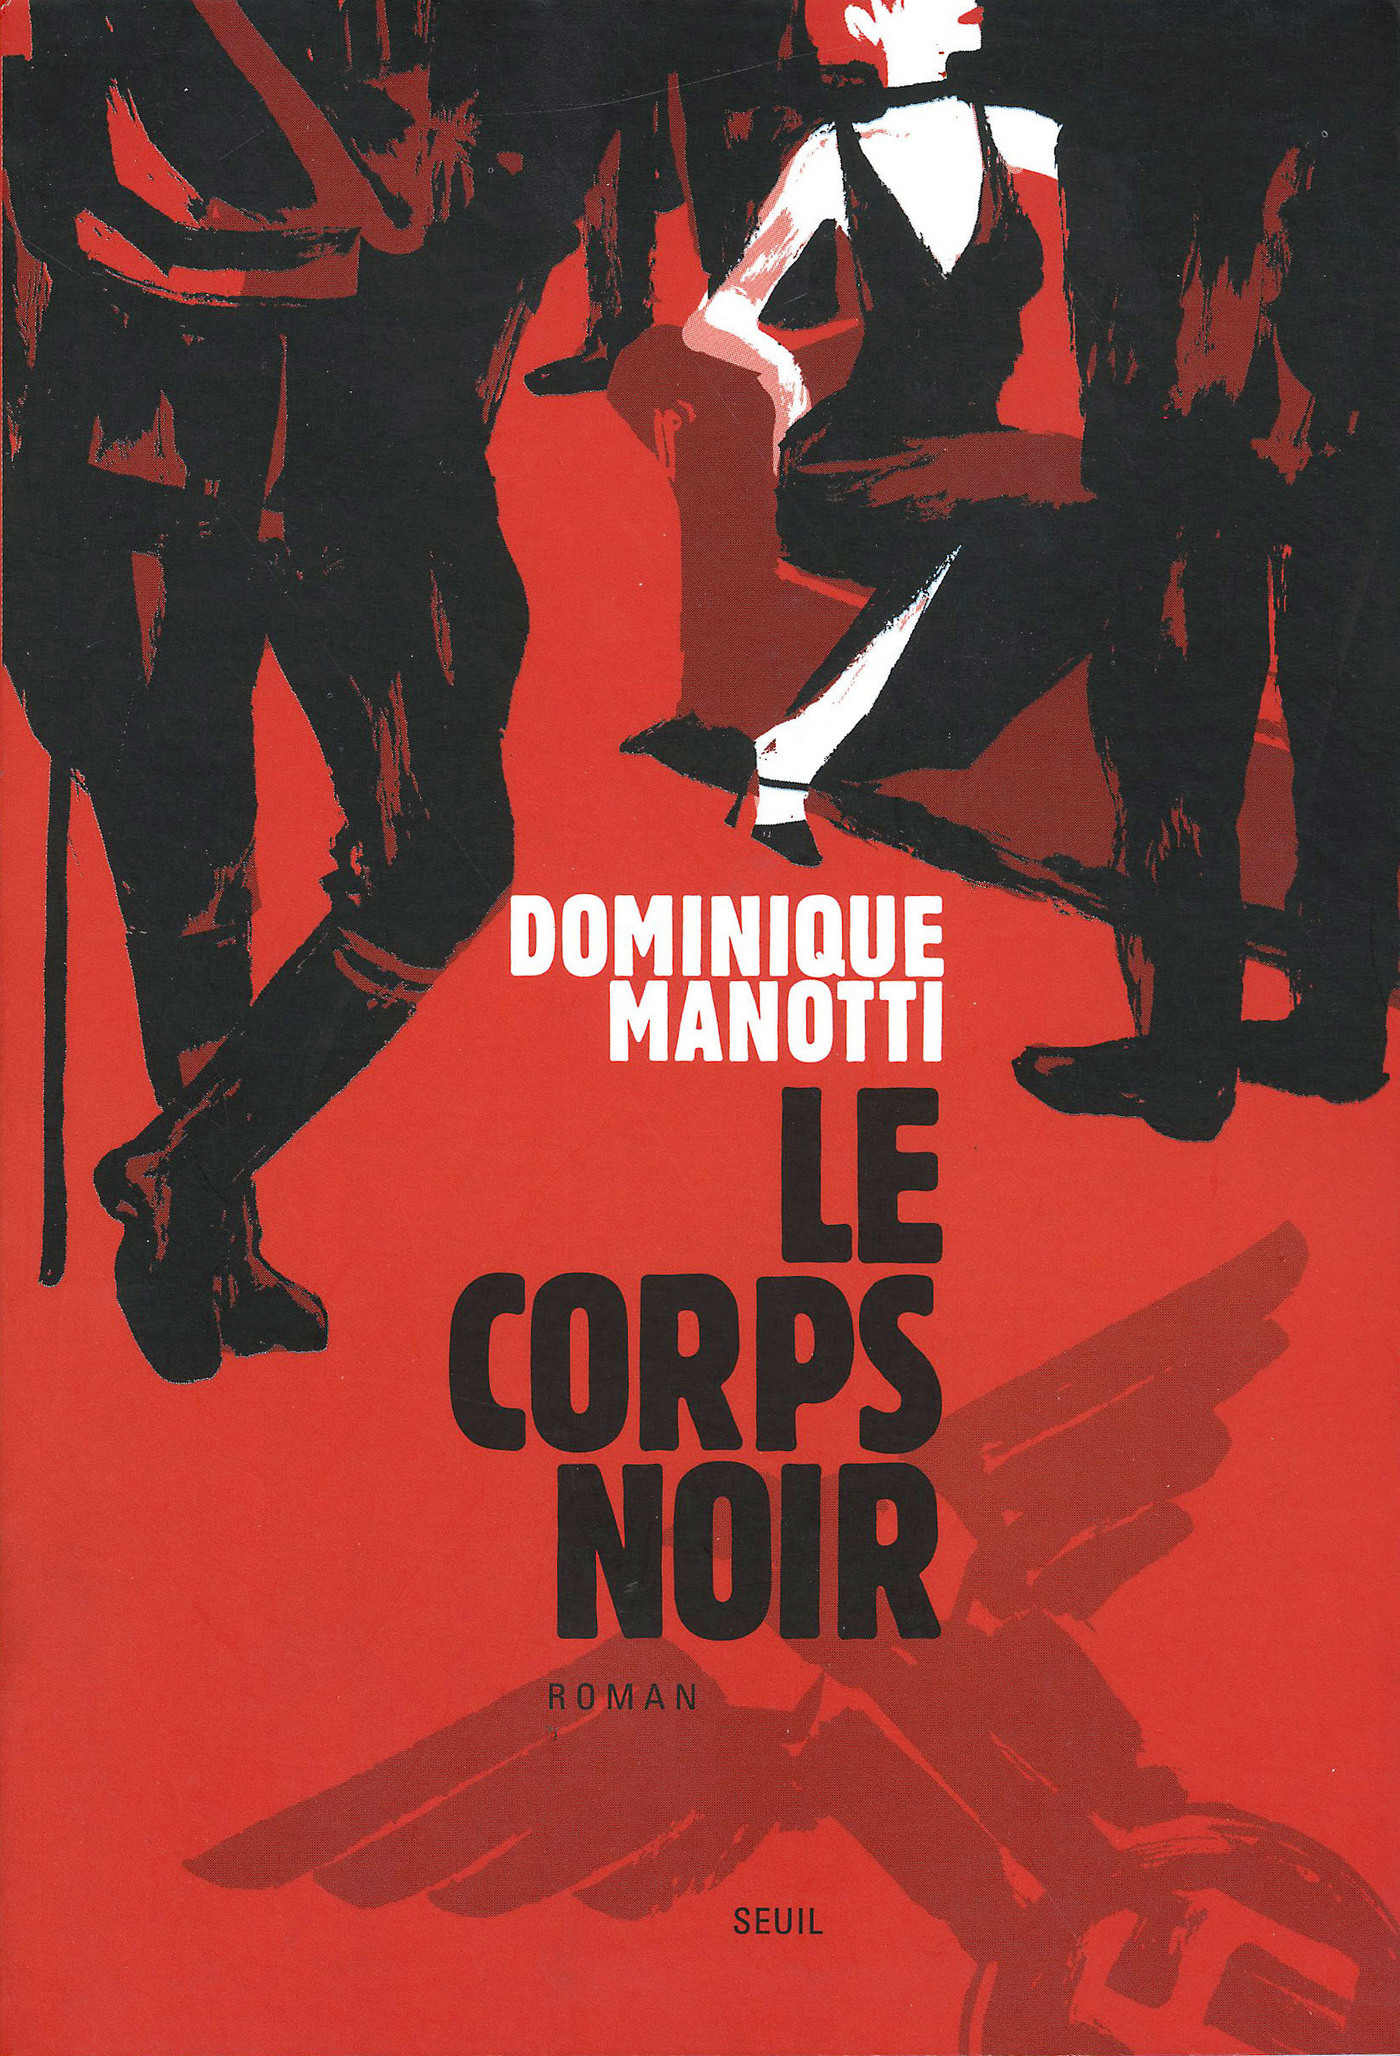 Le Corps noir |